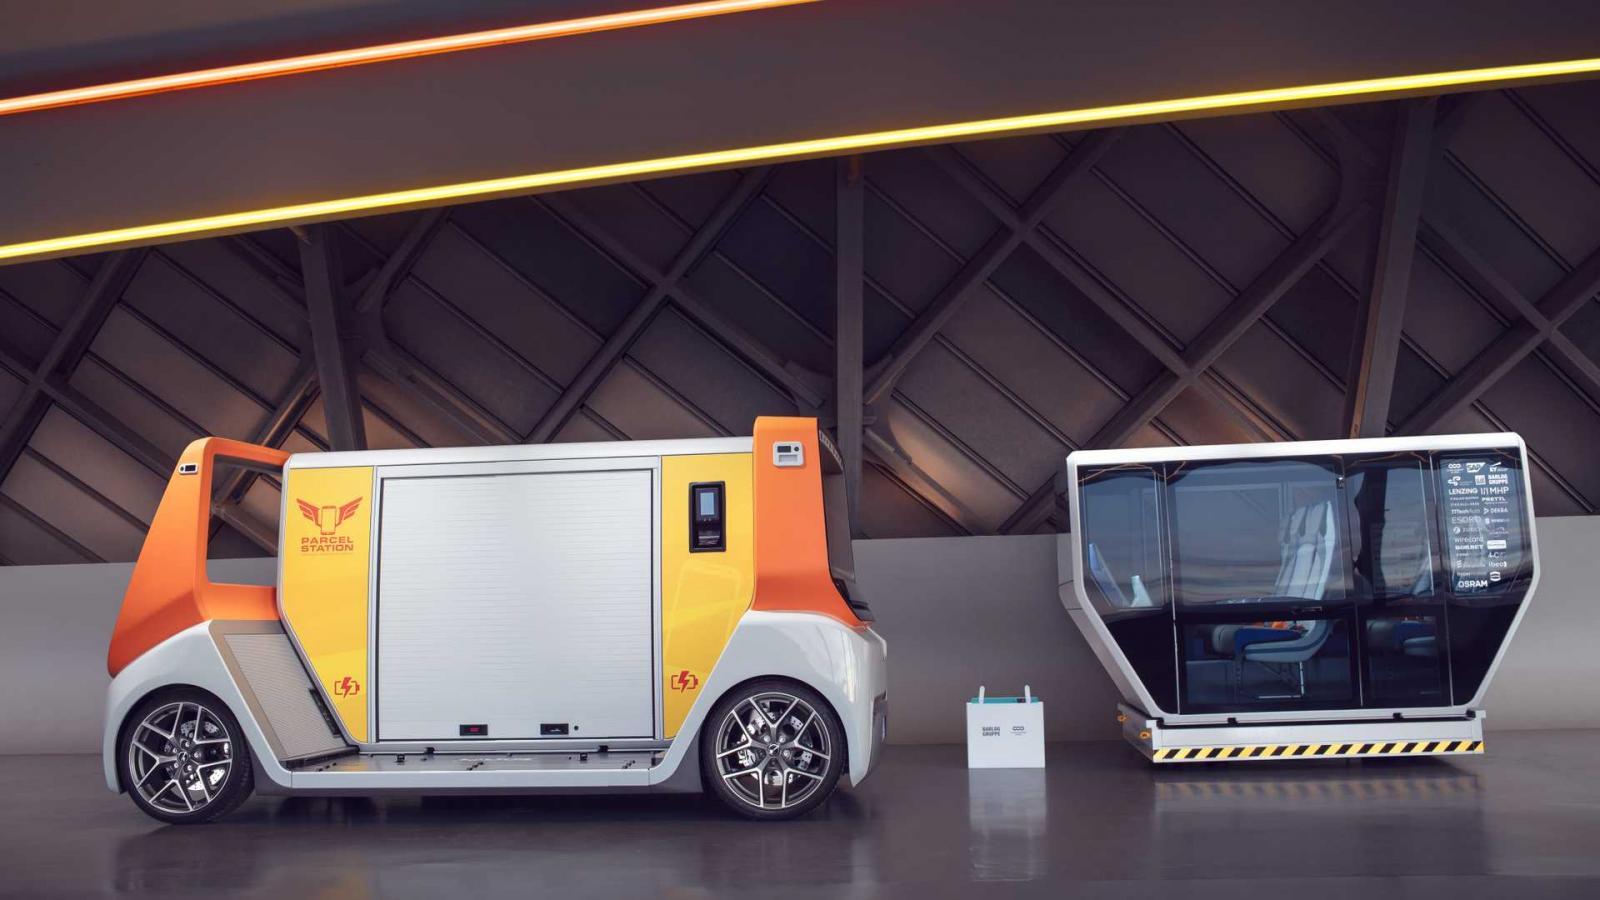 Sería utilizado para el transporte de pasajeros, pero también se adapta a otro tipo de usos